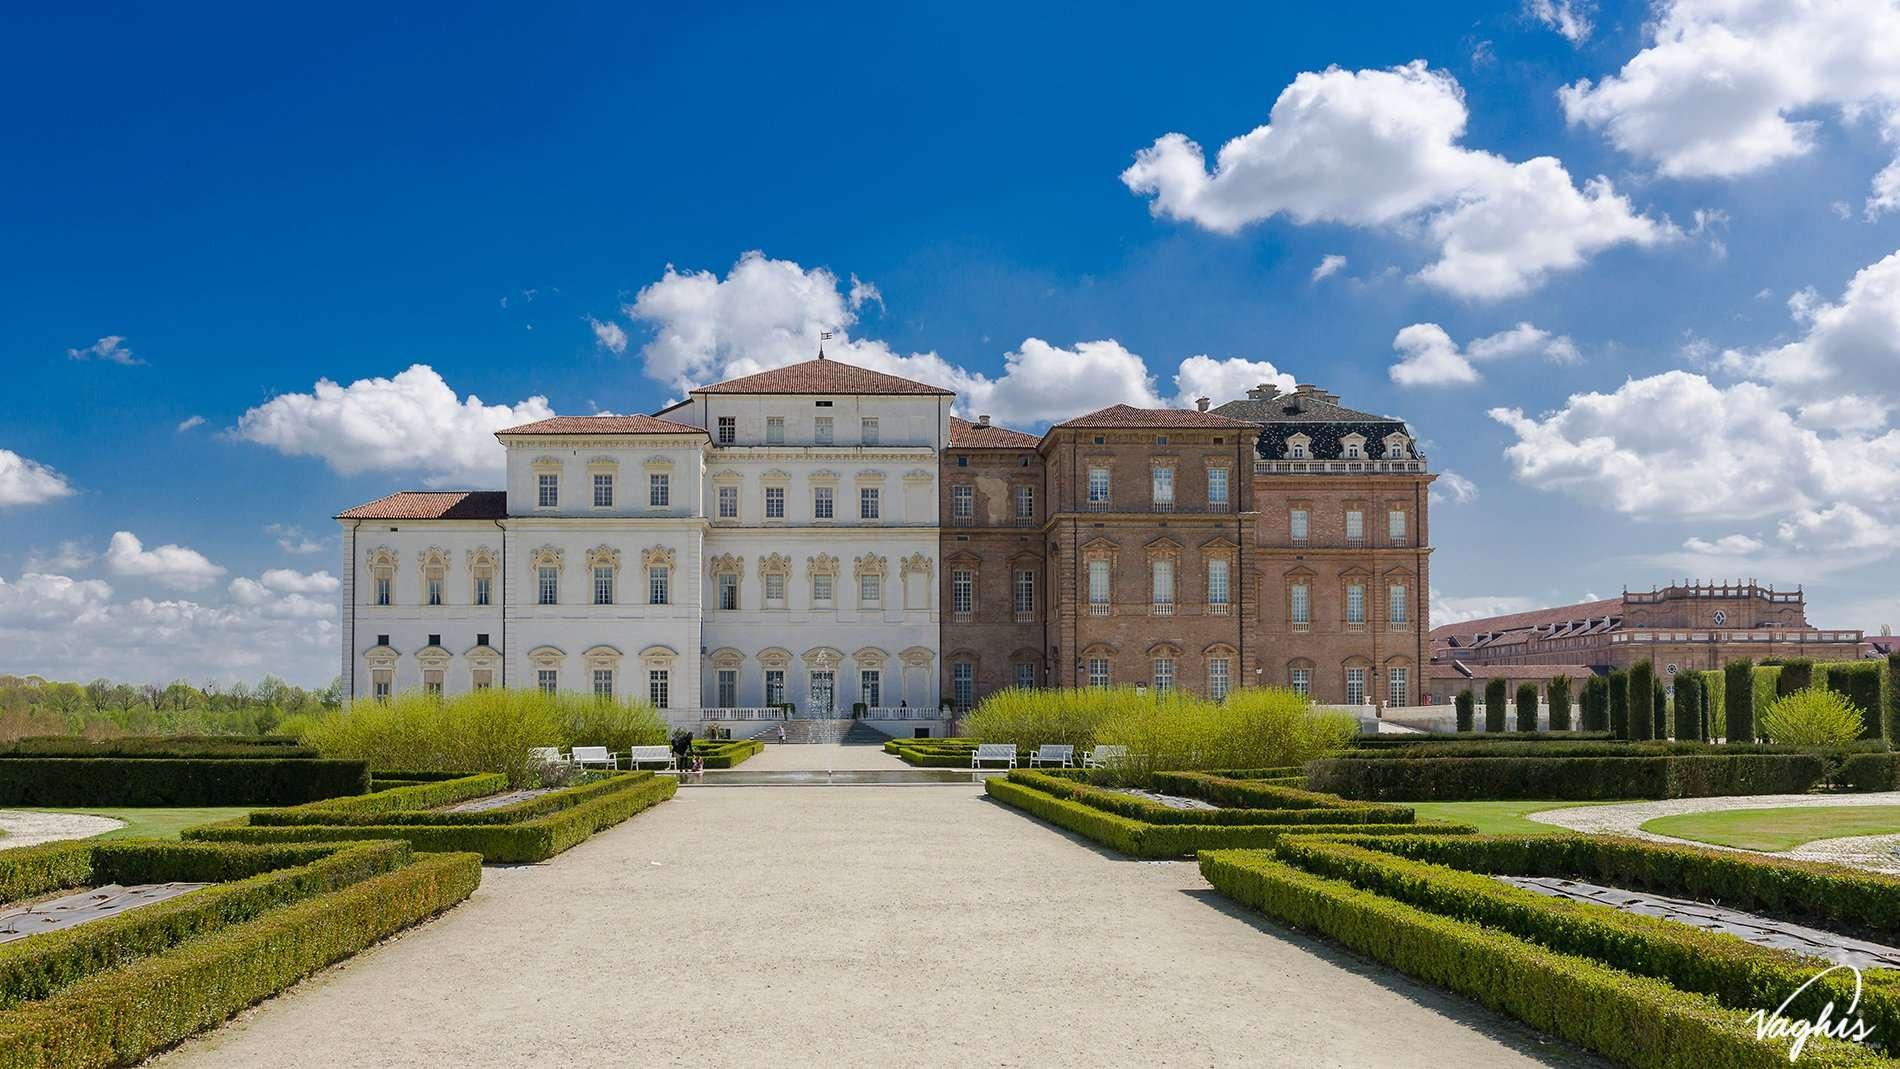 Venaria Reale - © Vaghis - Viaggi & turismo Italia - Tutti i diritti riservati